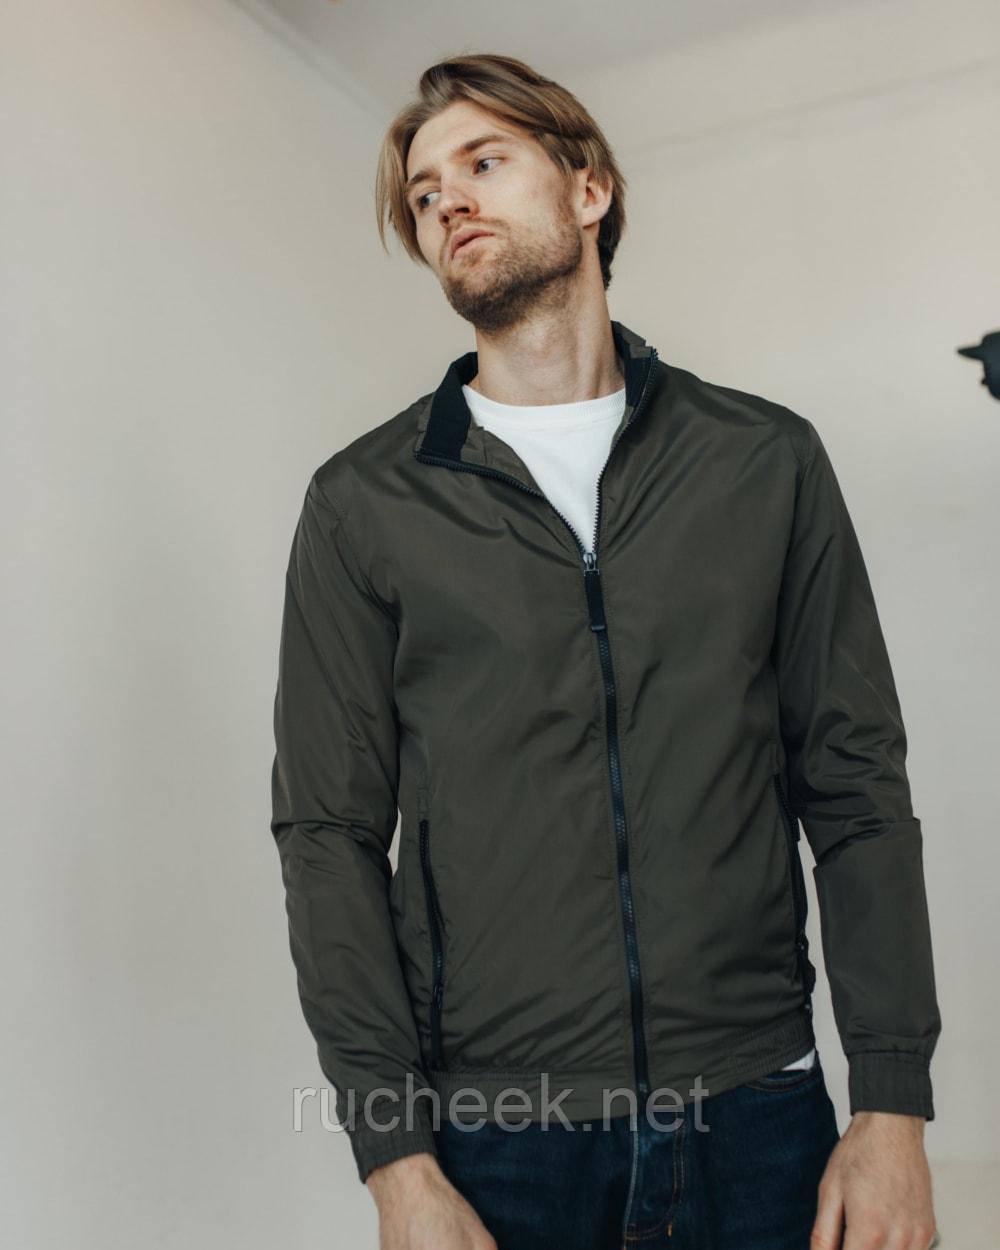 Куртка легкая ветровка мужская без капюшона р - ры S - XХL